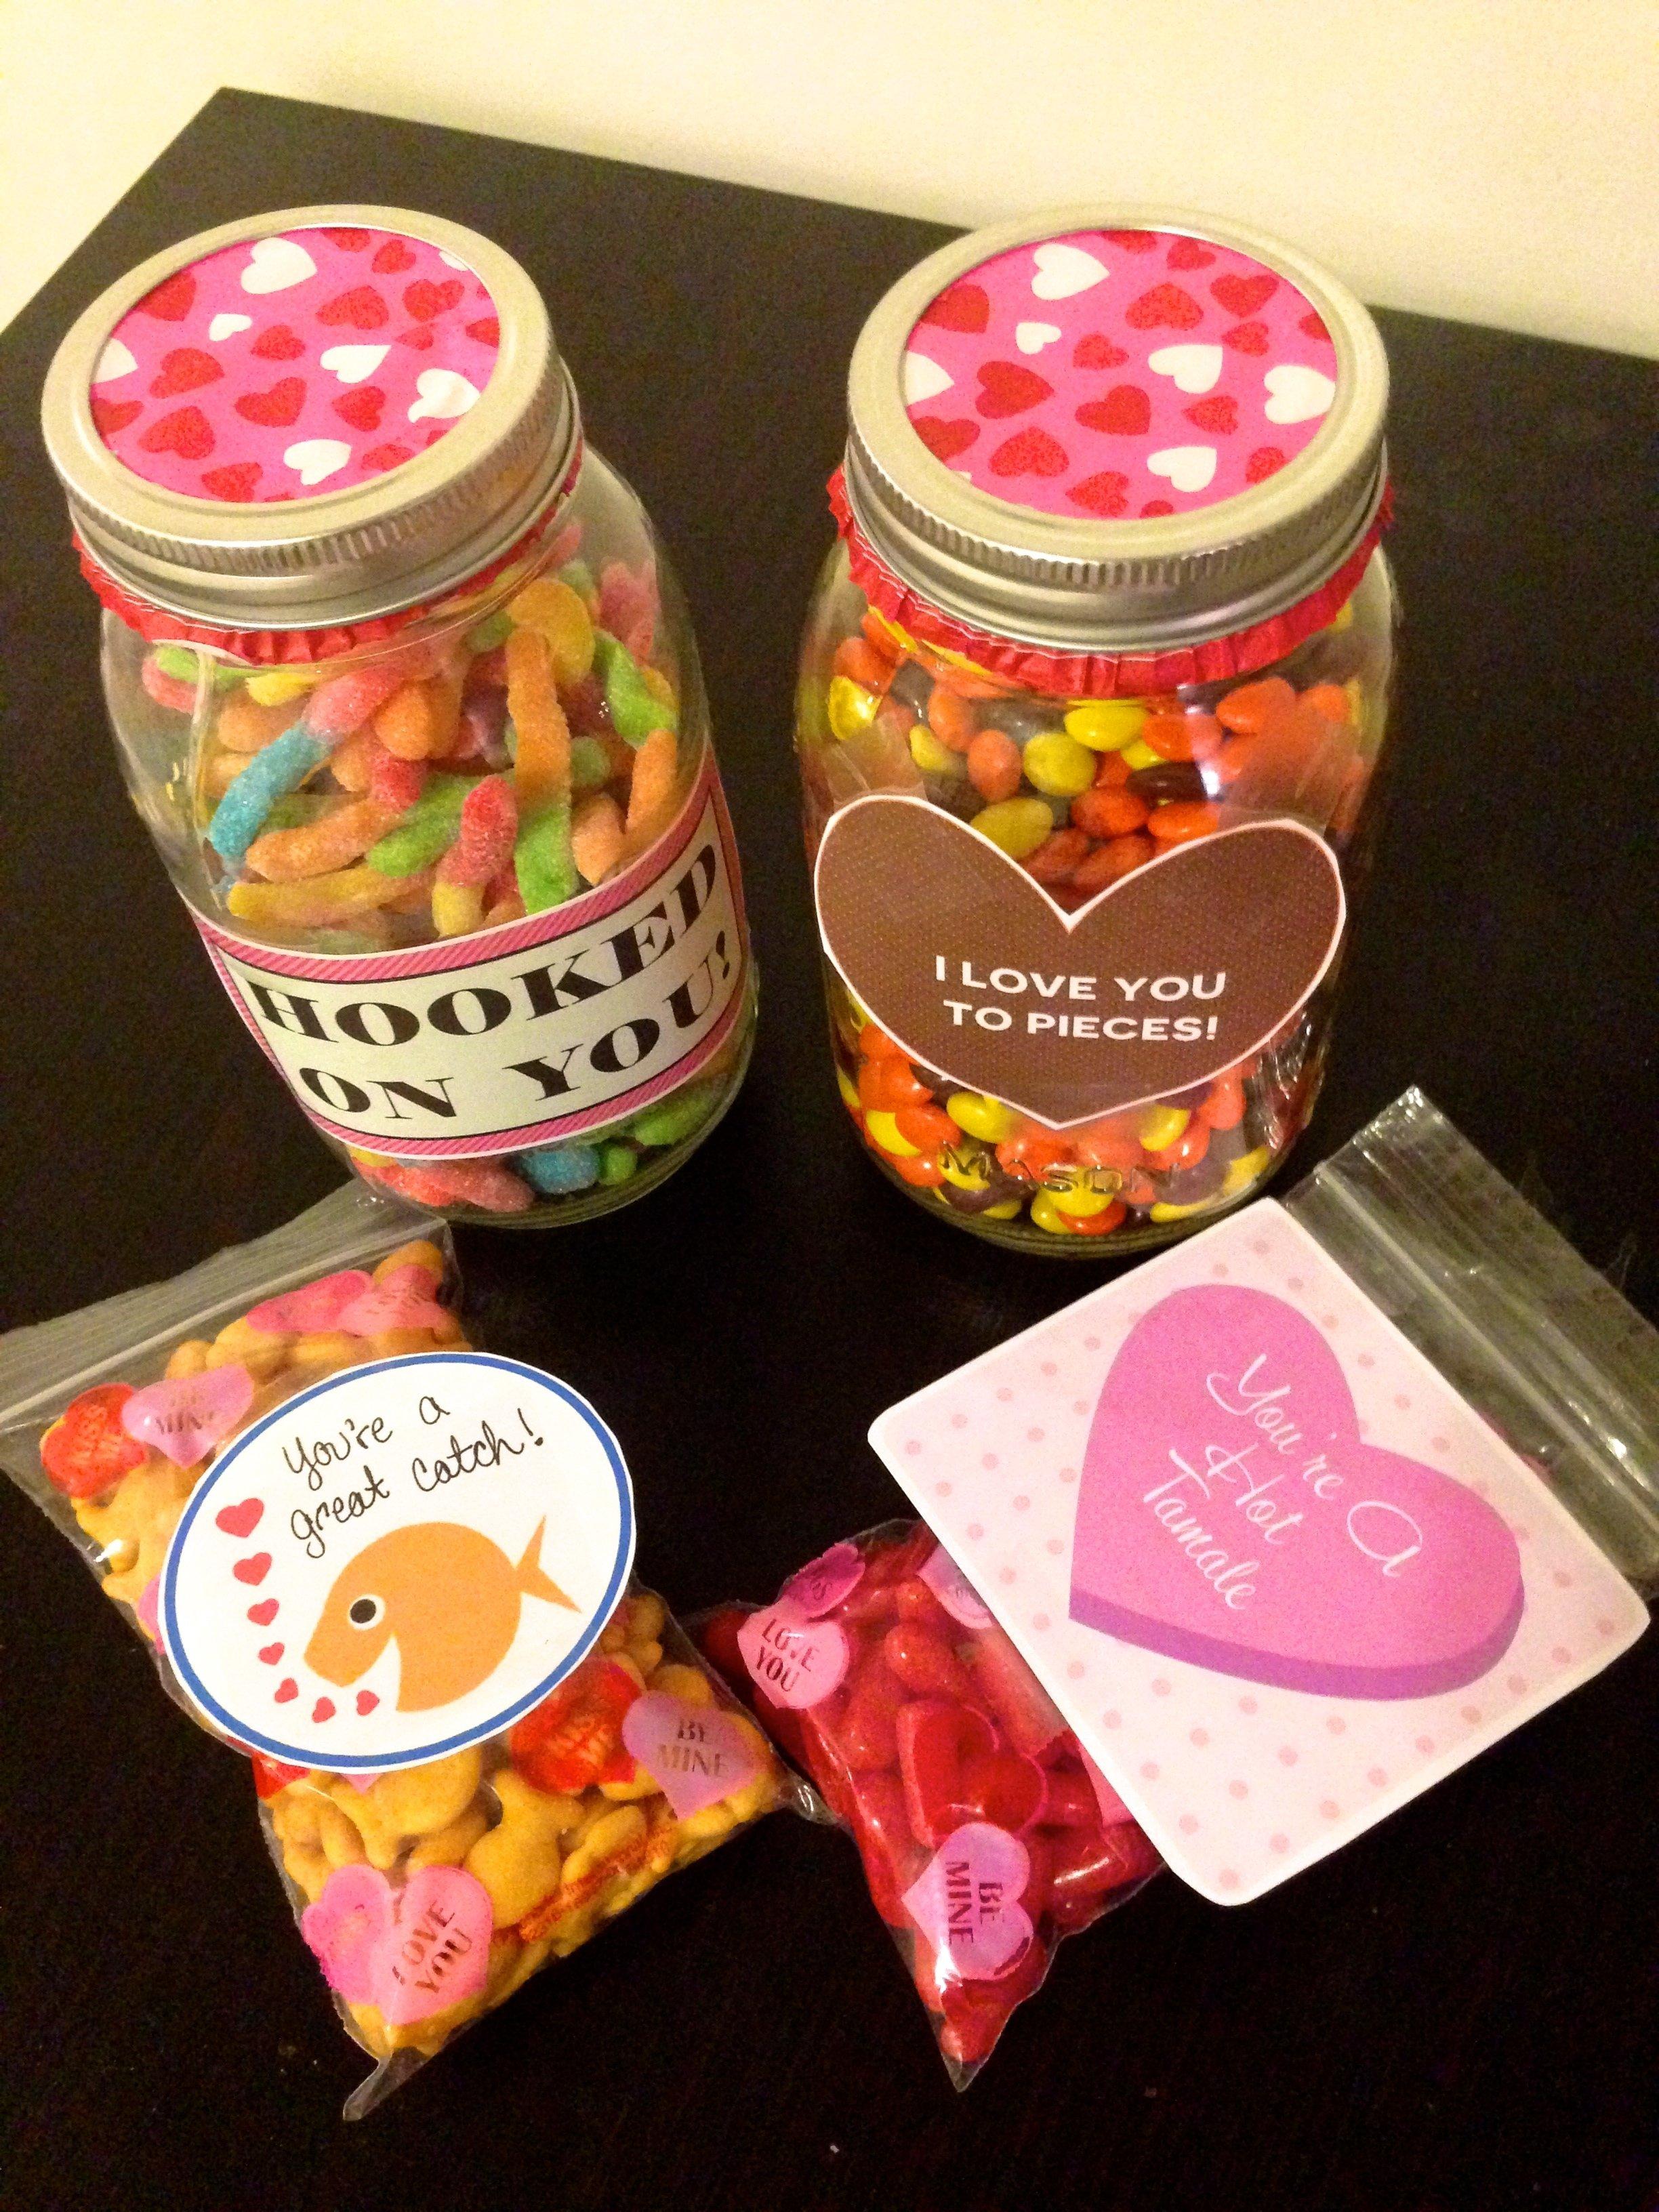 8 diy valentine's day gifts | her campus